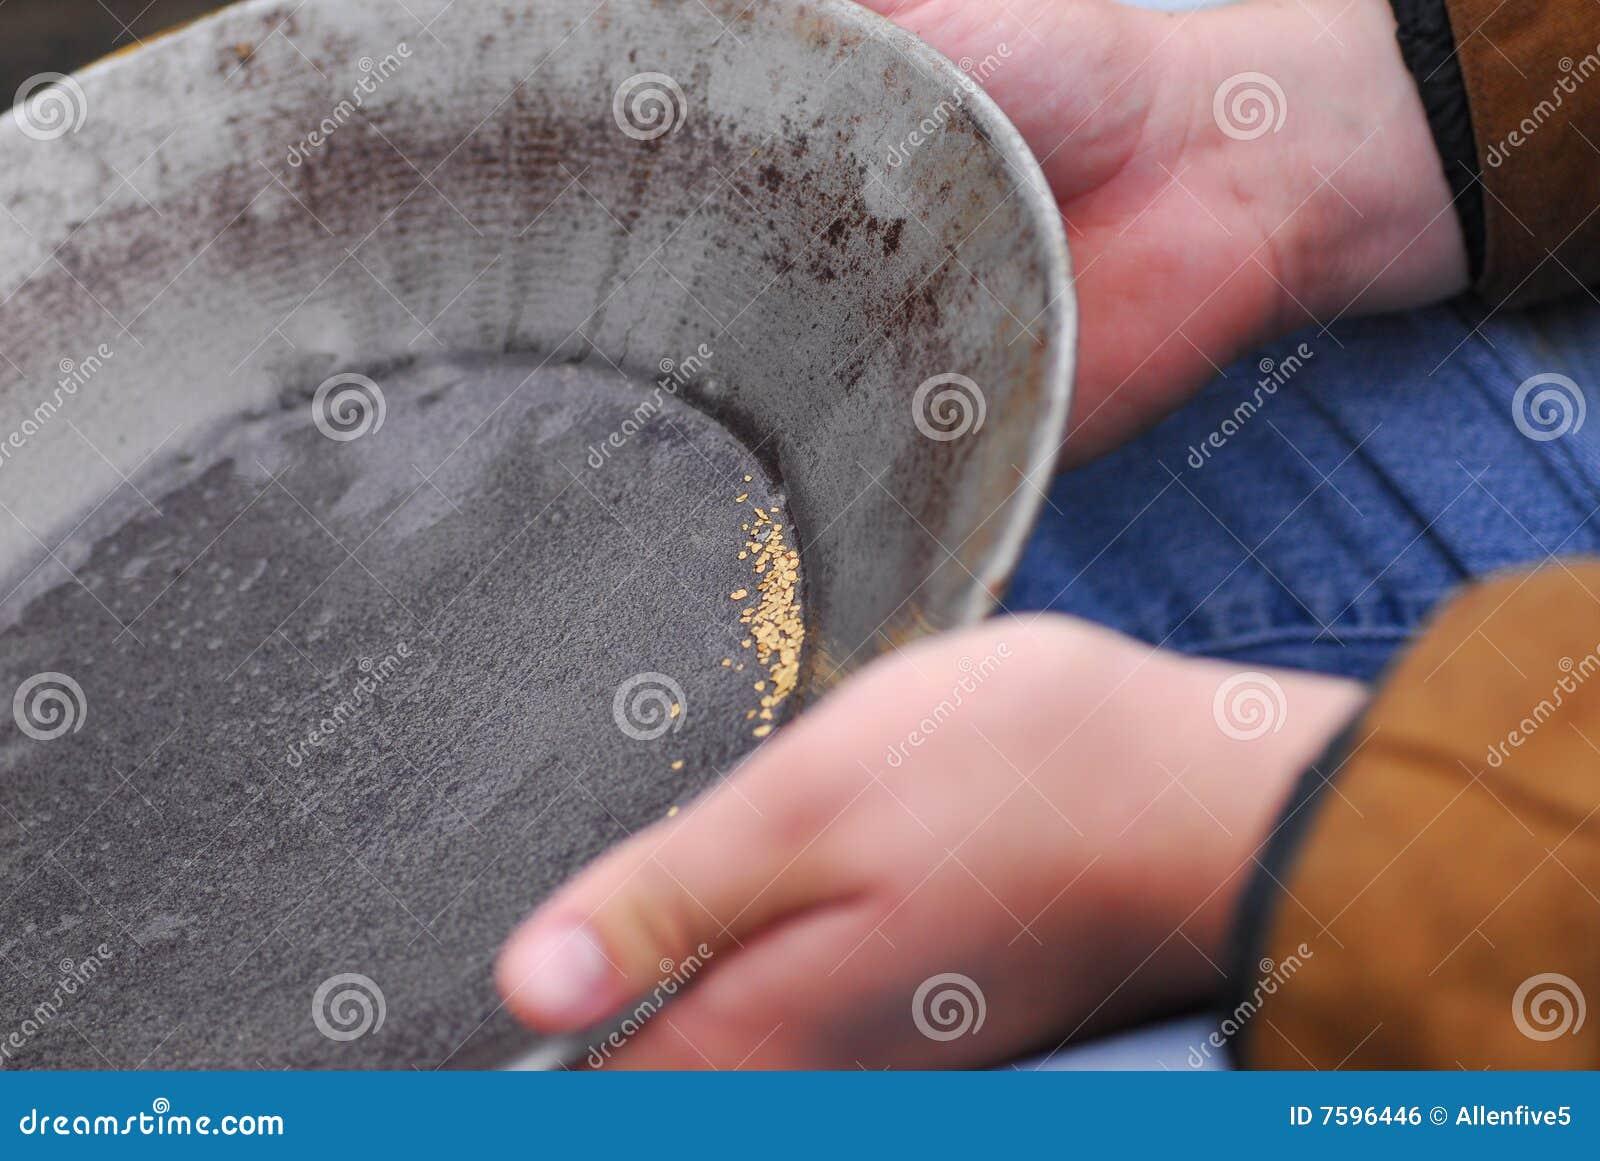 Schwenken für Gold